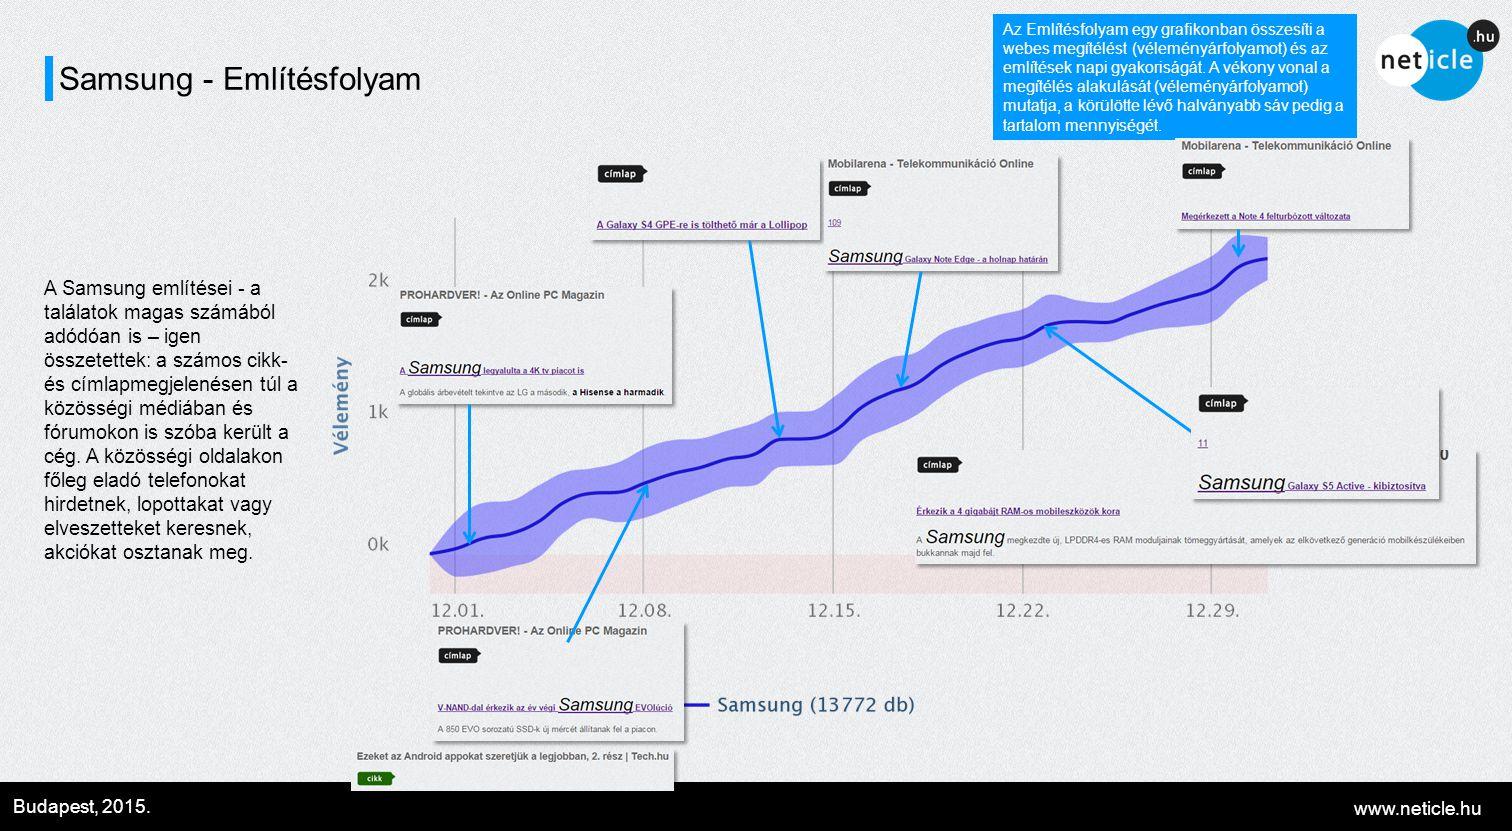 www.neticle.hu Budapest, 2015. Samsung - Említésfolyam Az Említésfolyam egy grafikonban összesíti a webes megítélést (véleményárfolyamot) és az említé